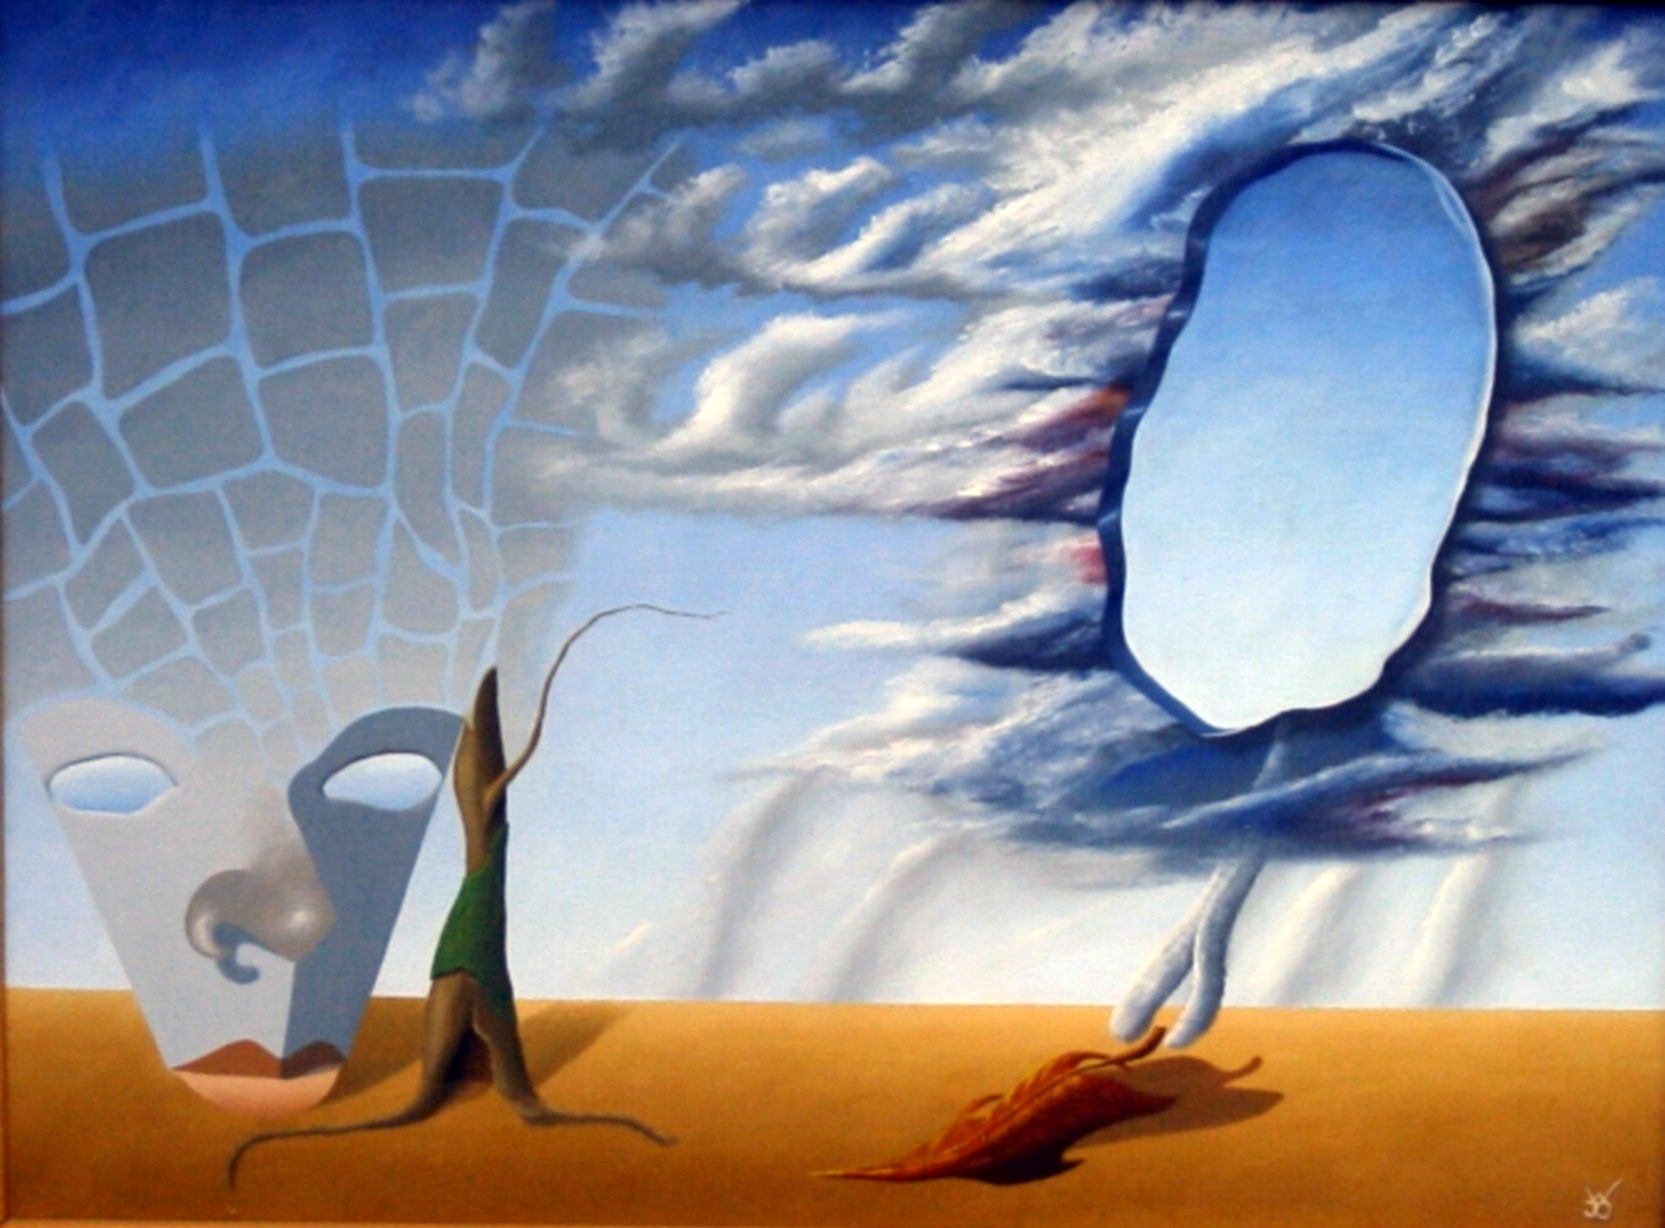 De herfstgodin   1995 ( 60x80 cm )/Autumn goddess   1995 ( 60x80 cm )